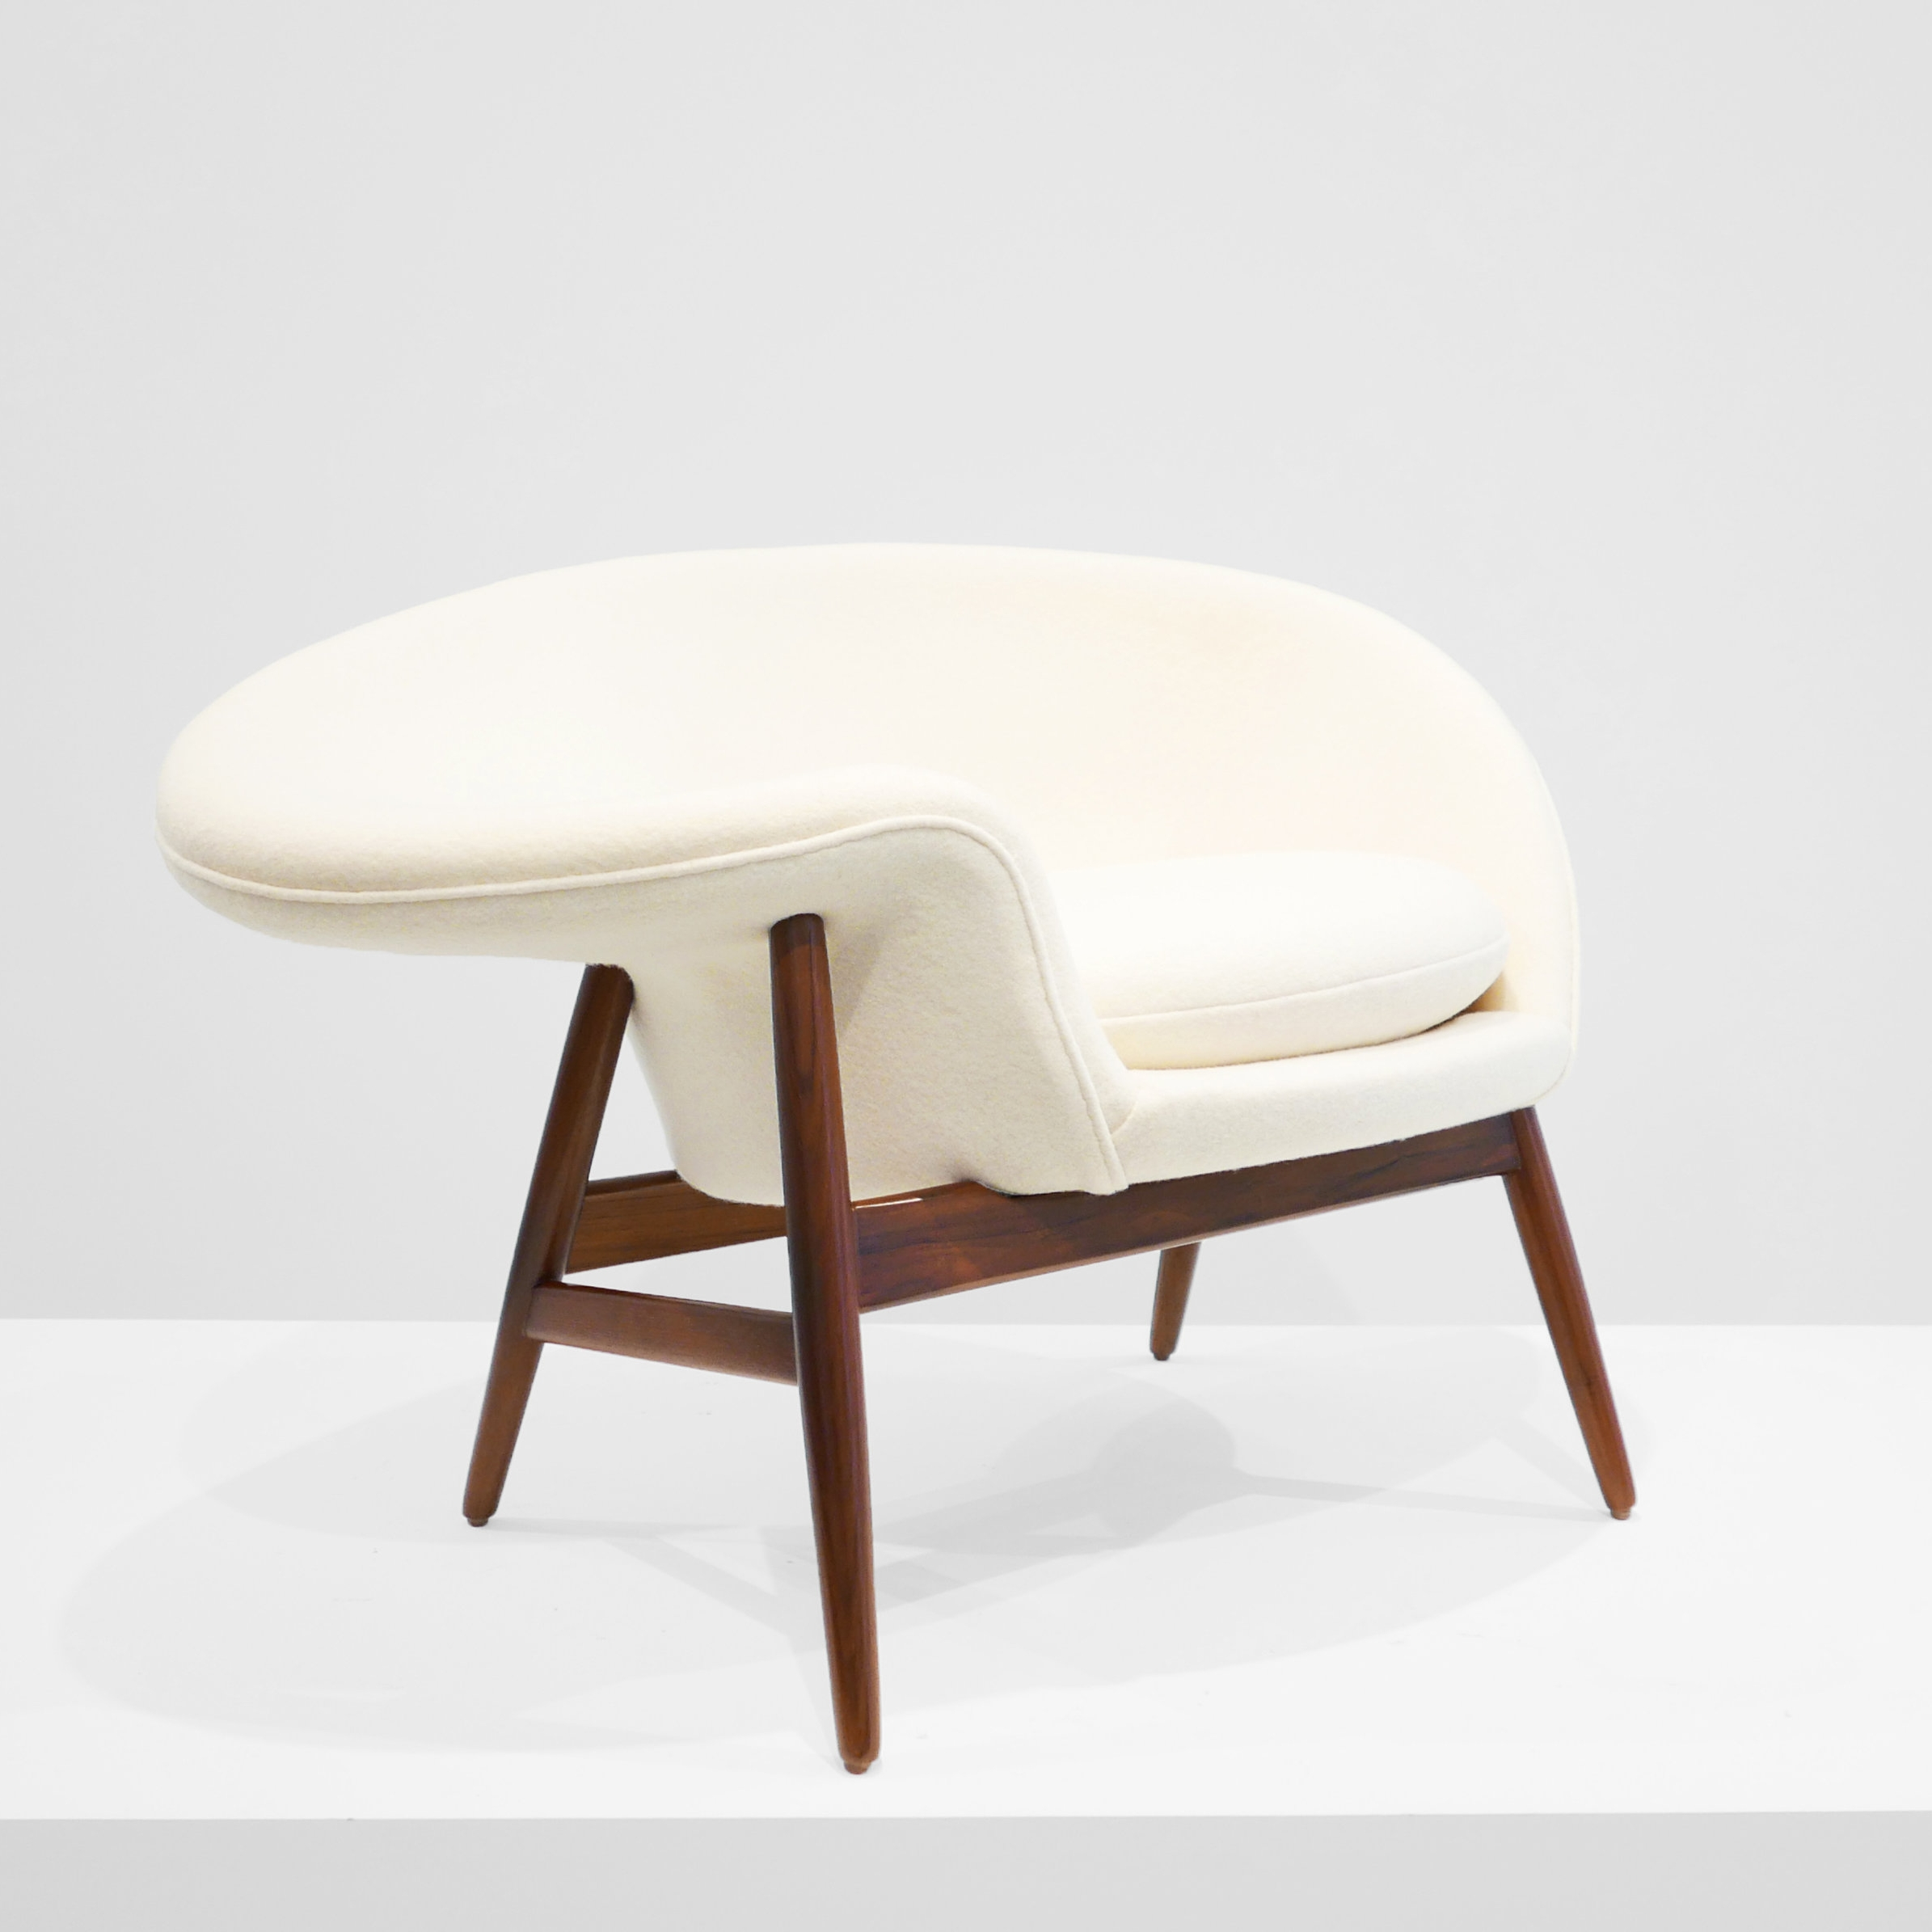 hans olsen  'fried egg' chair  c. 1956 ...